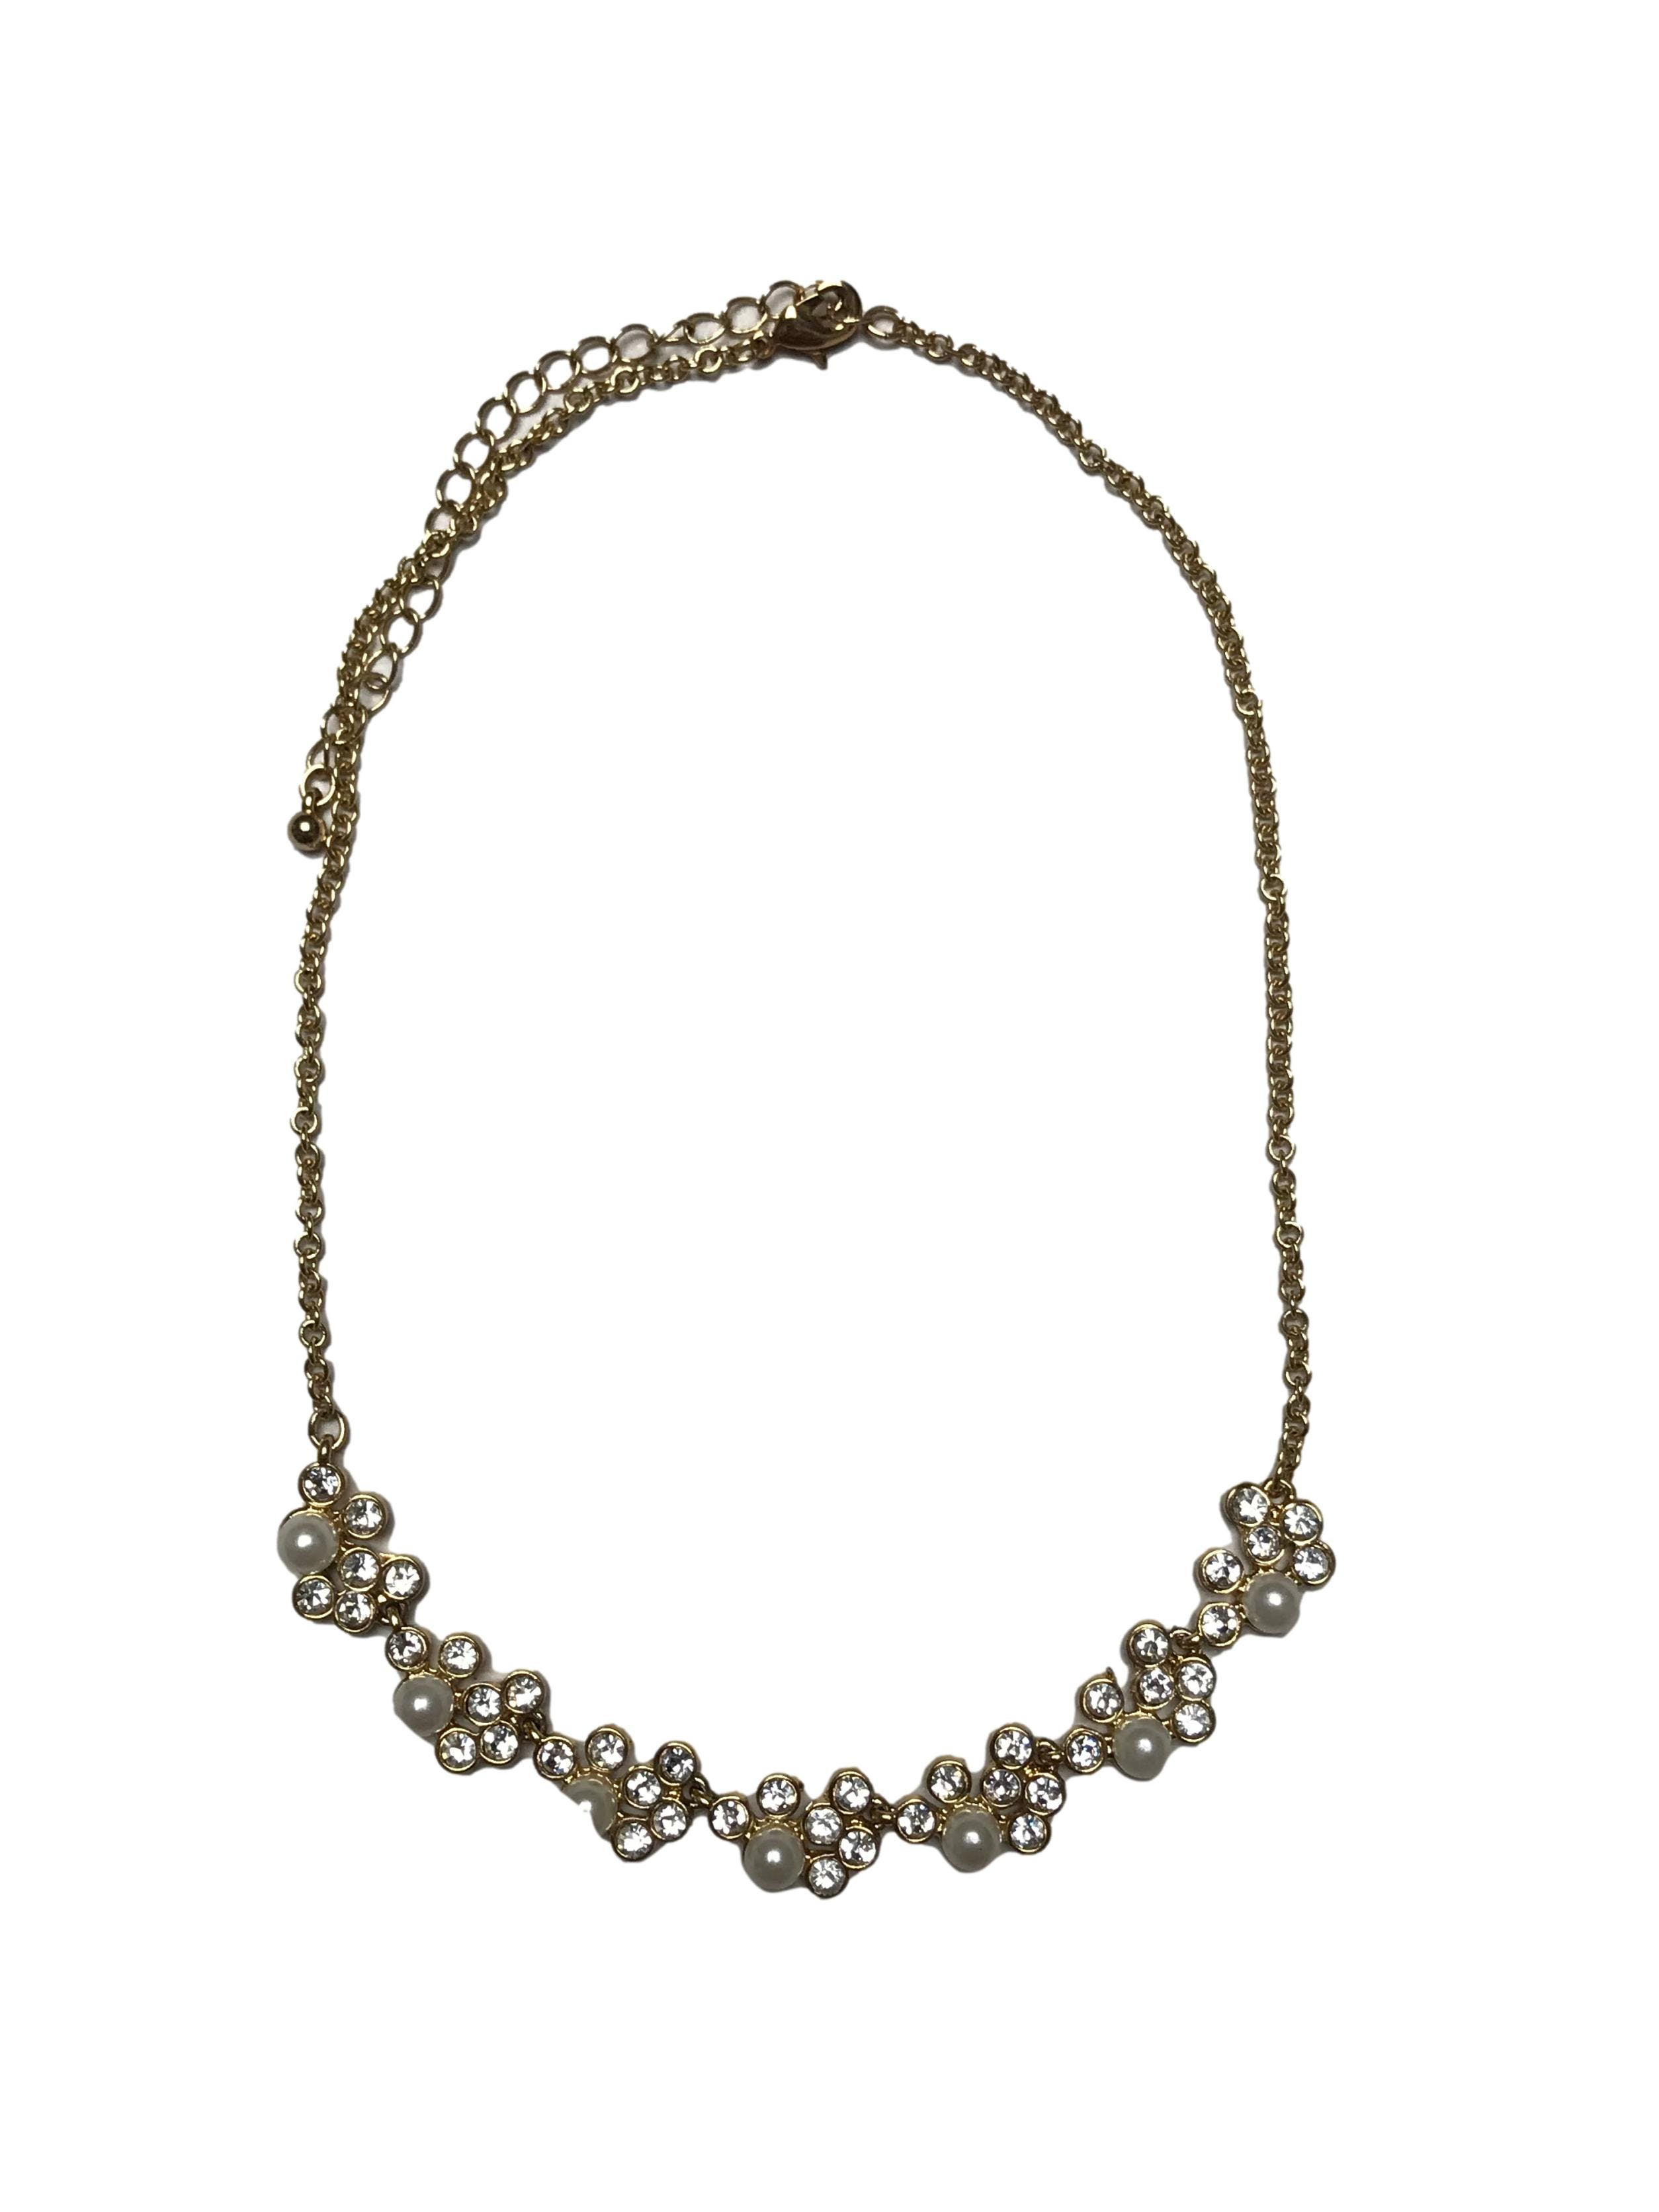 Collar dorado con aplicaciones de perlas y diamantes. Largo 42-51cm